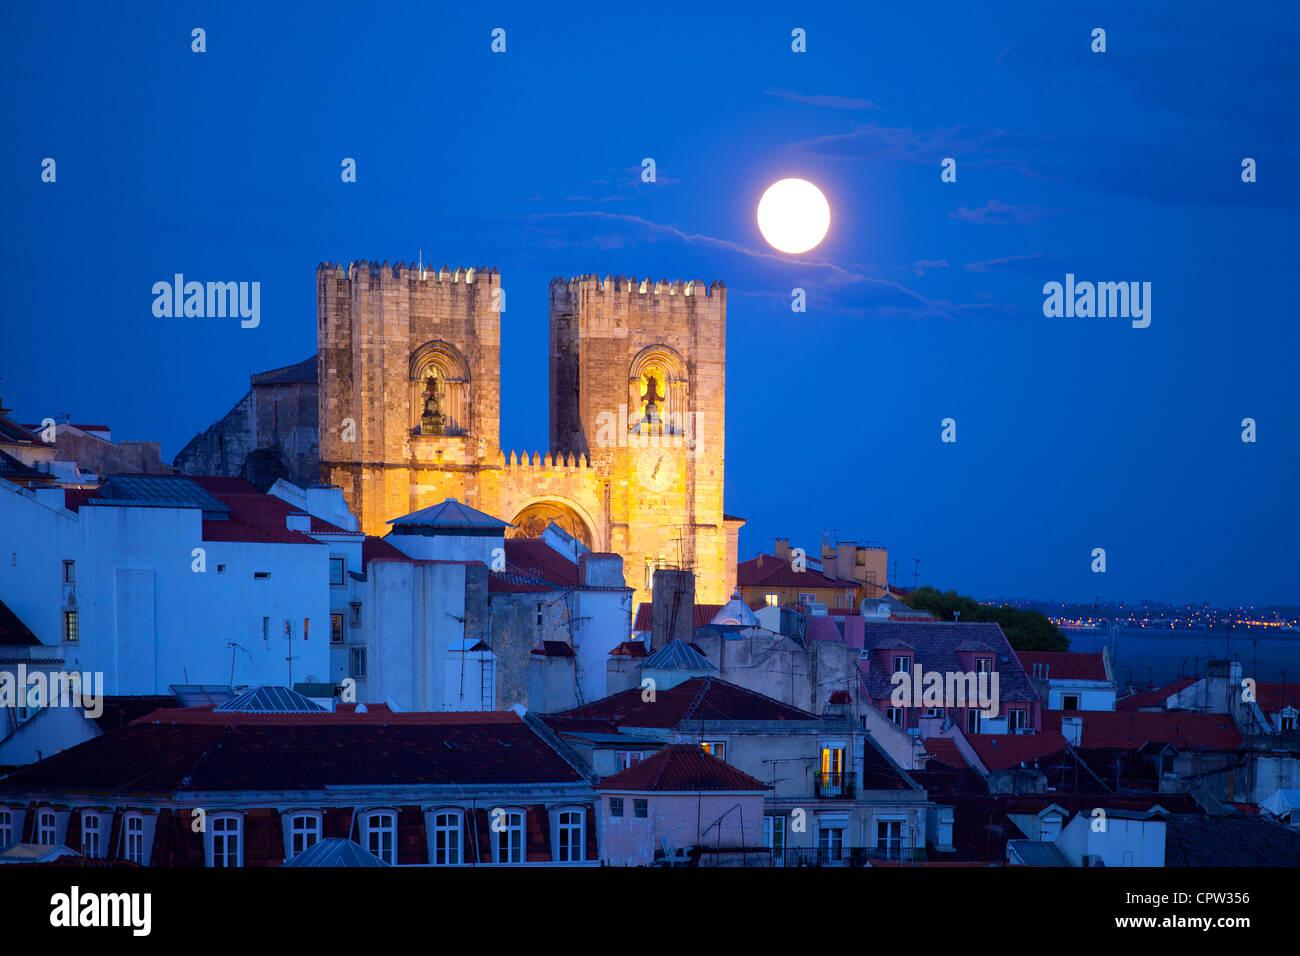 Cathédrale Patriarcale de Sainte Marie Majeure, Lisbonne, Portugal, au crépuscule avec moon rise Photo Stock